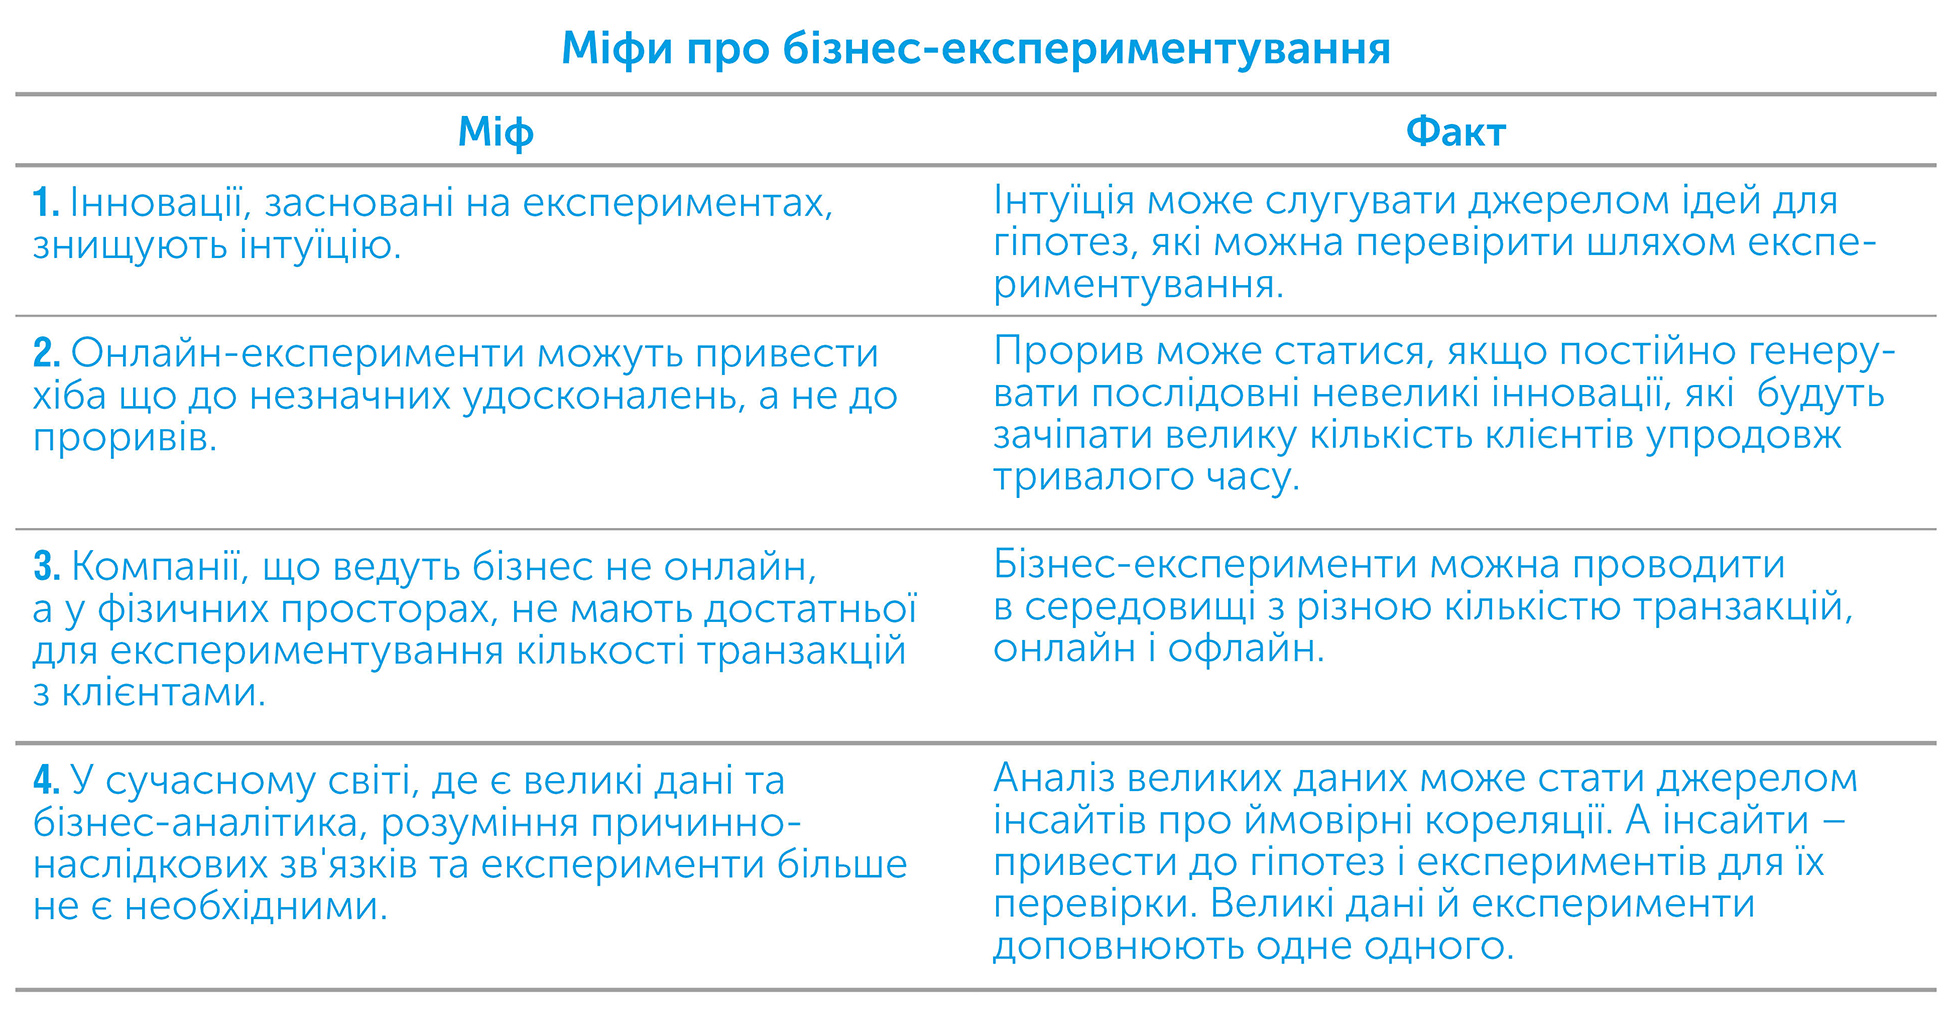 Експериментування працює. Дивовижна сила бізнес-експериментів, автор Стефан Томке | Kyivstar Business Hub, зображення №6